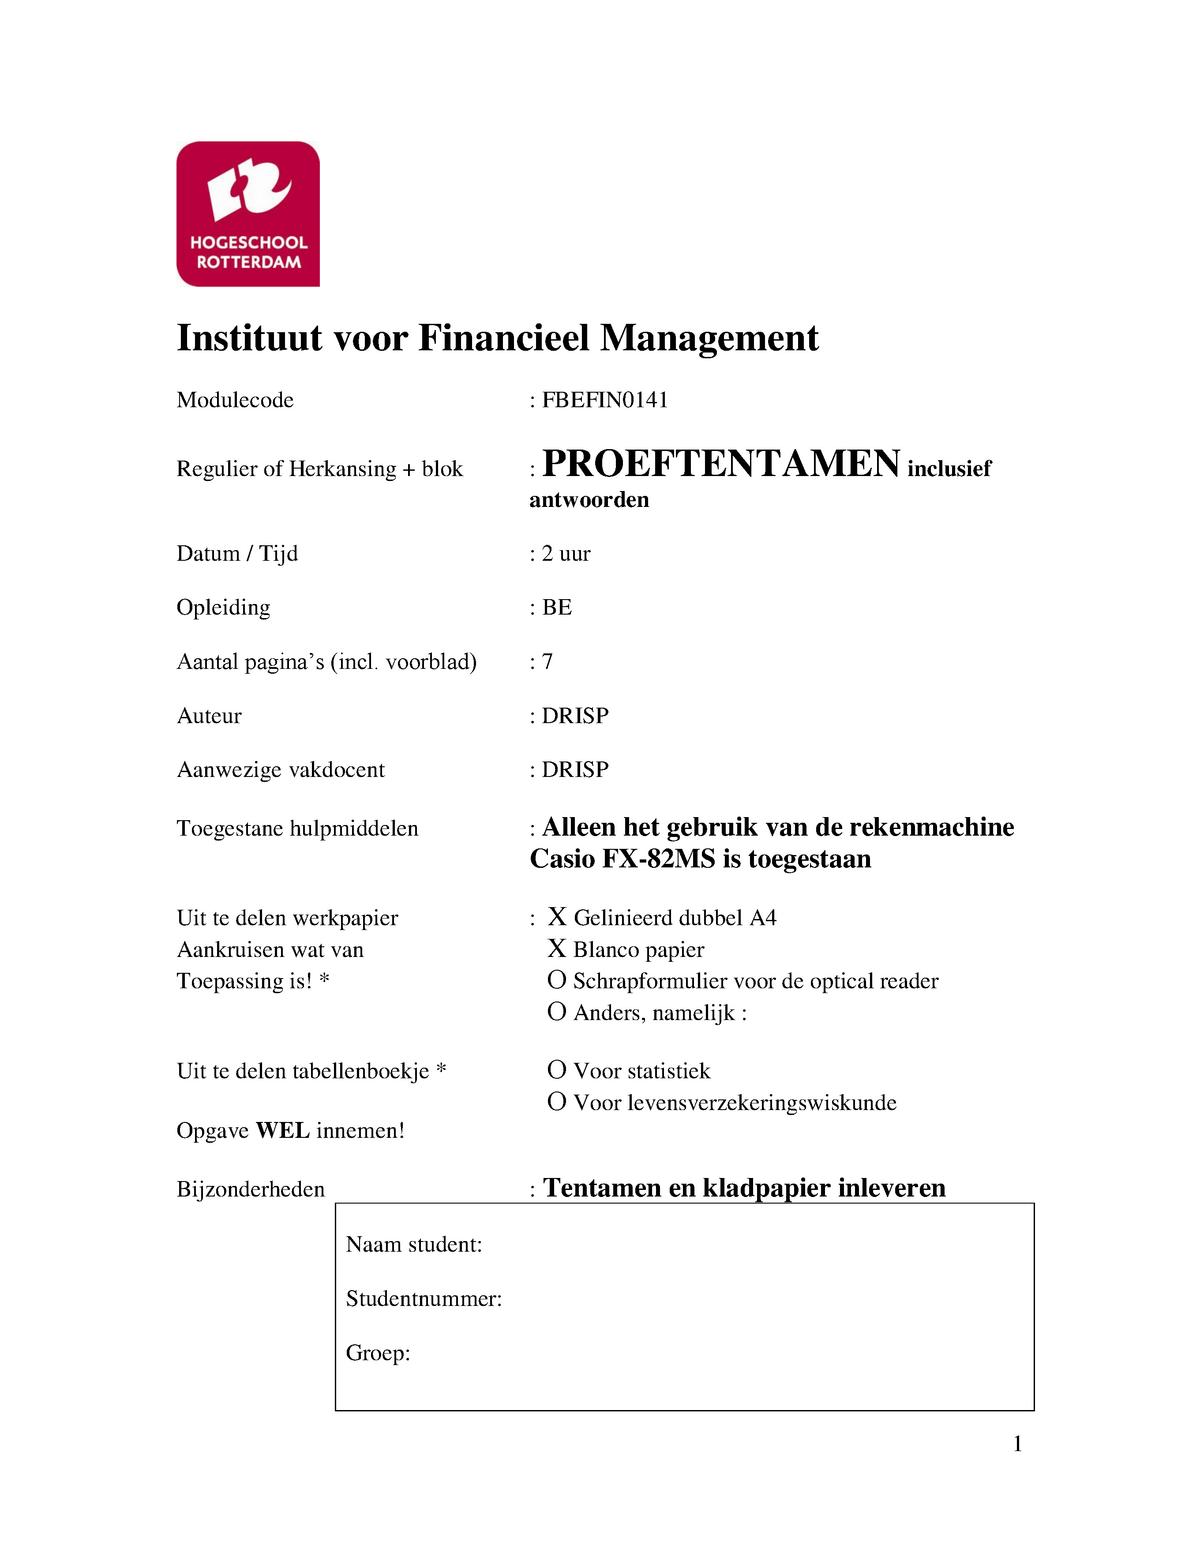 Over Dewit Finance